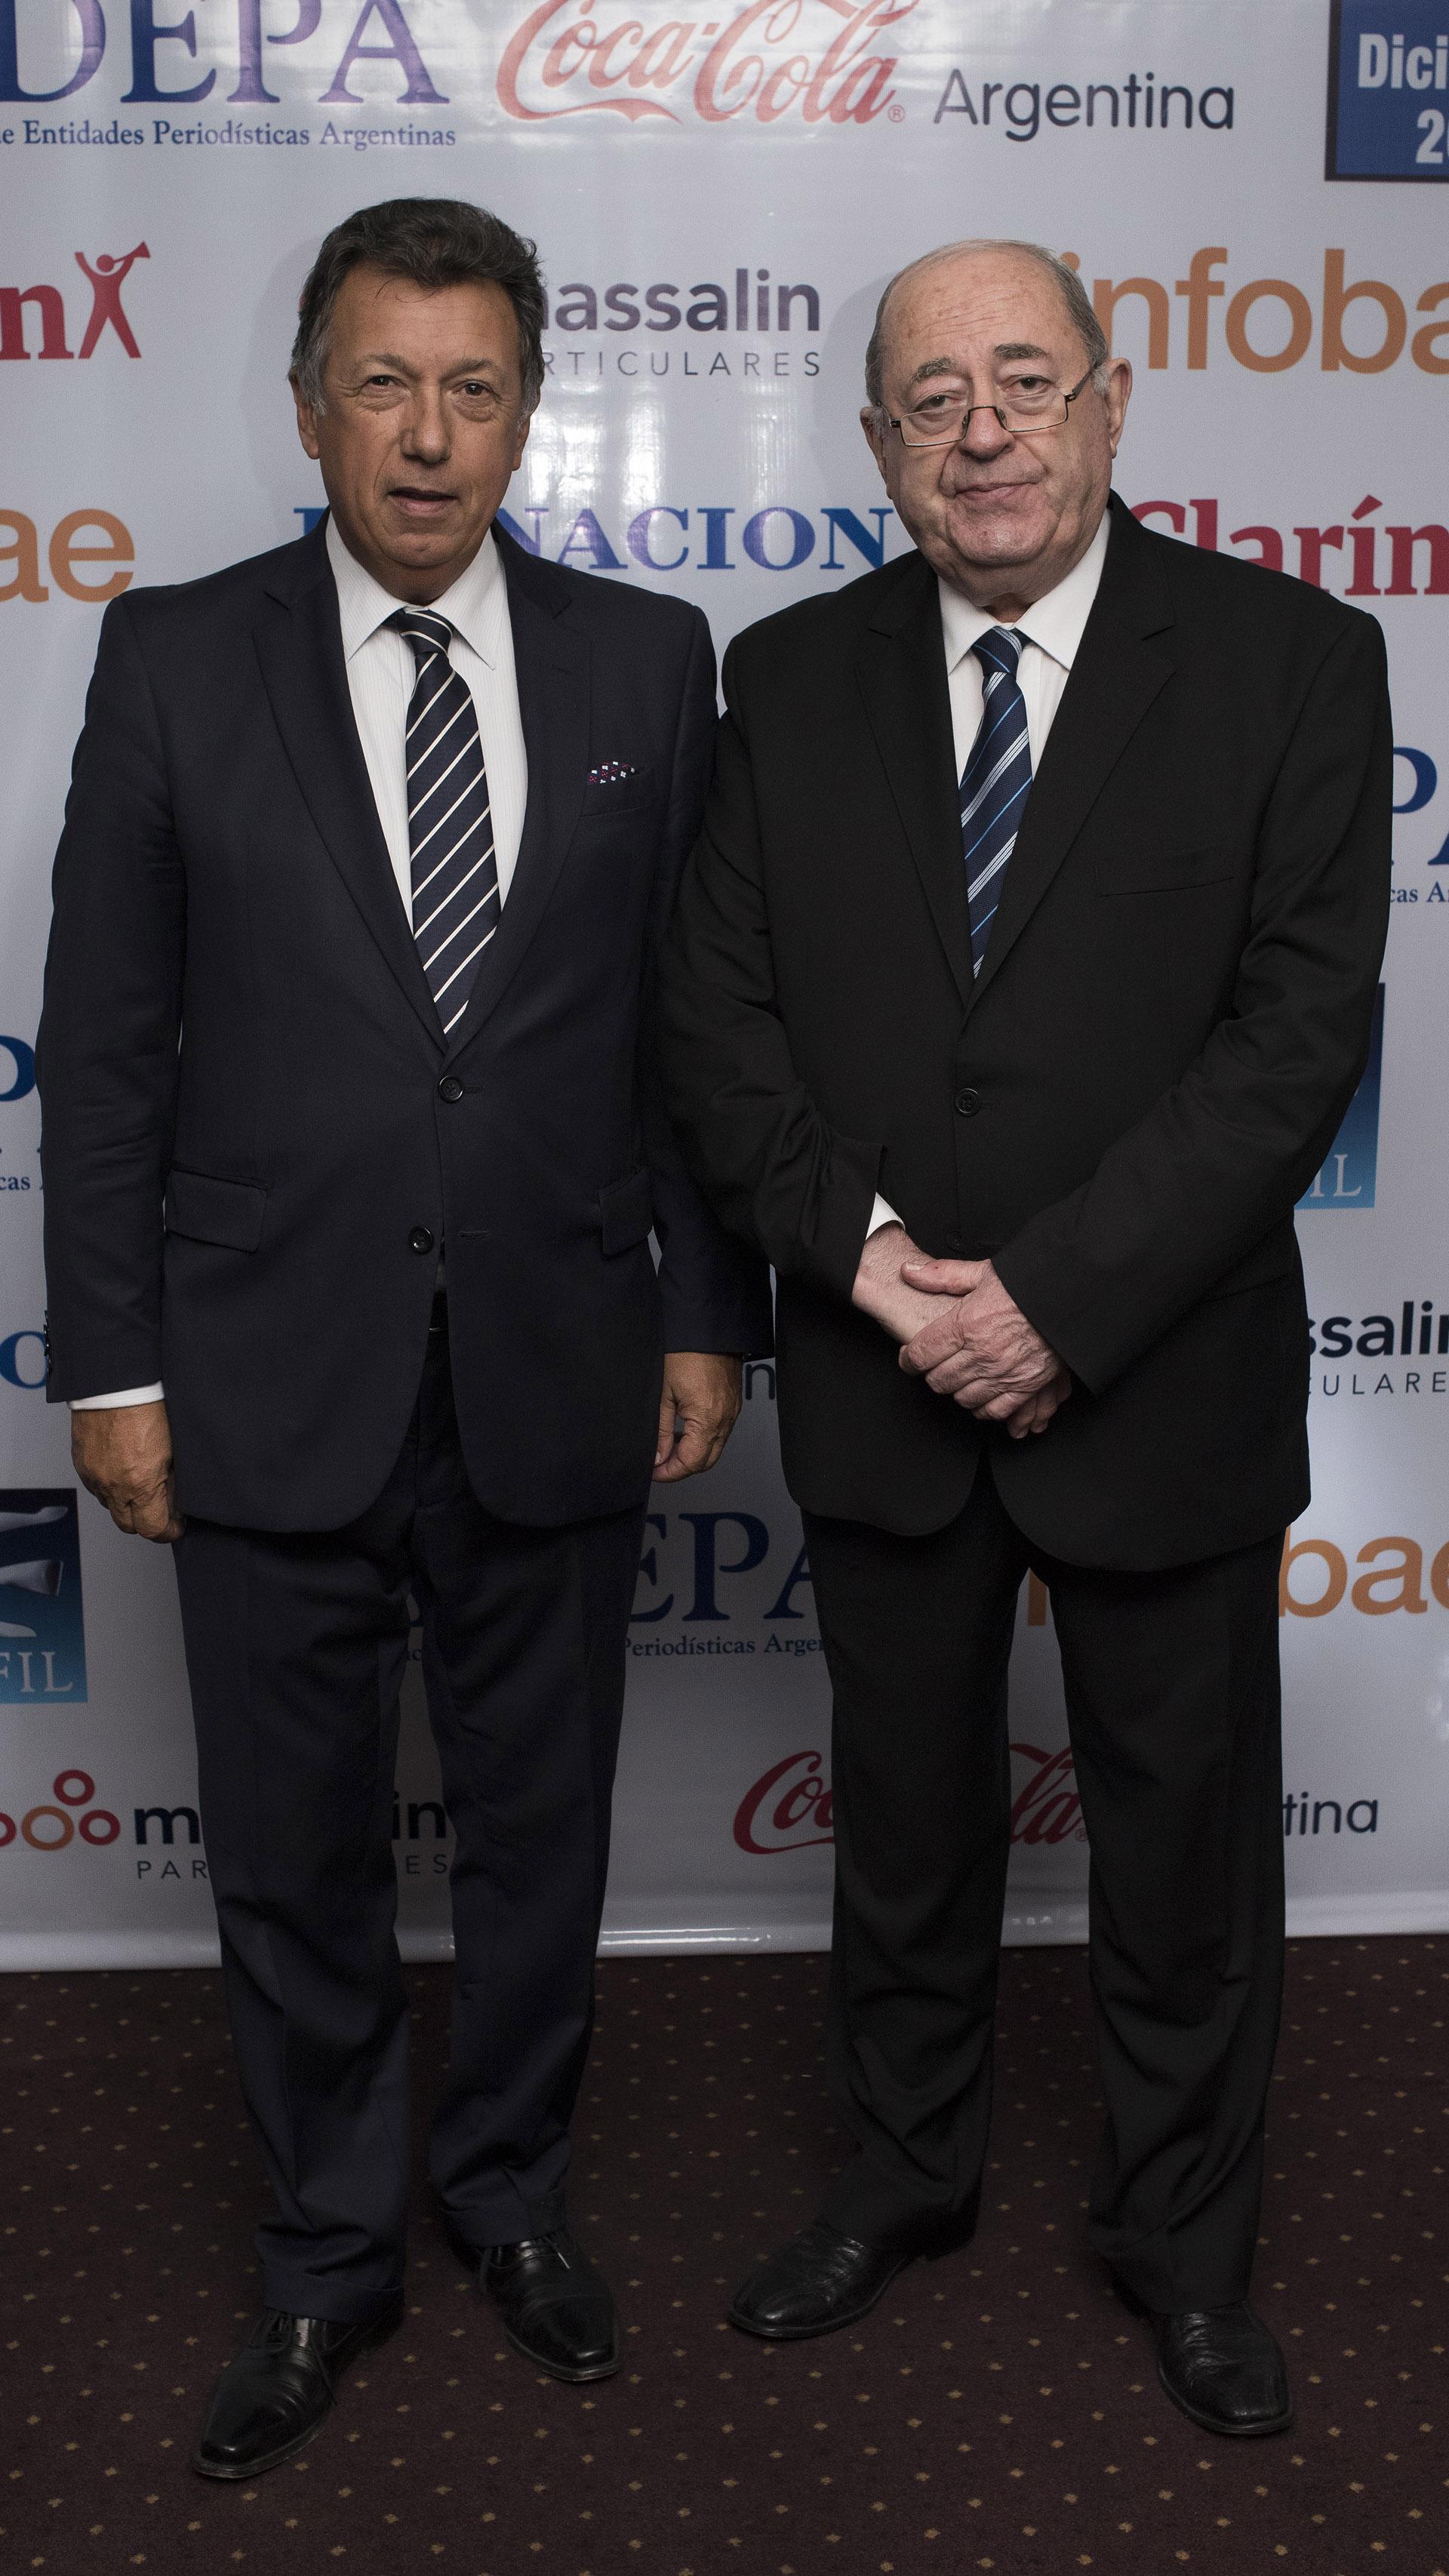 Alberto Dalla Vía, presidente de la Cámara Nacional Electoral, junto a Guillermo Ignacio